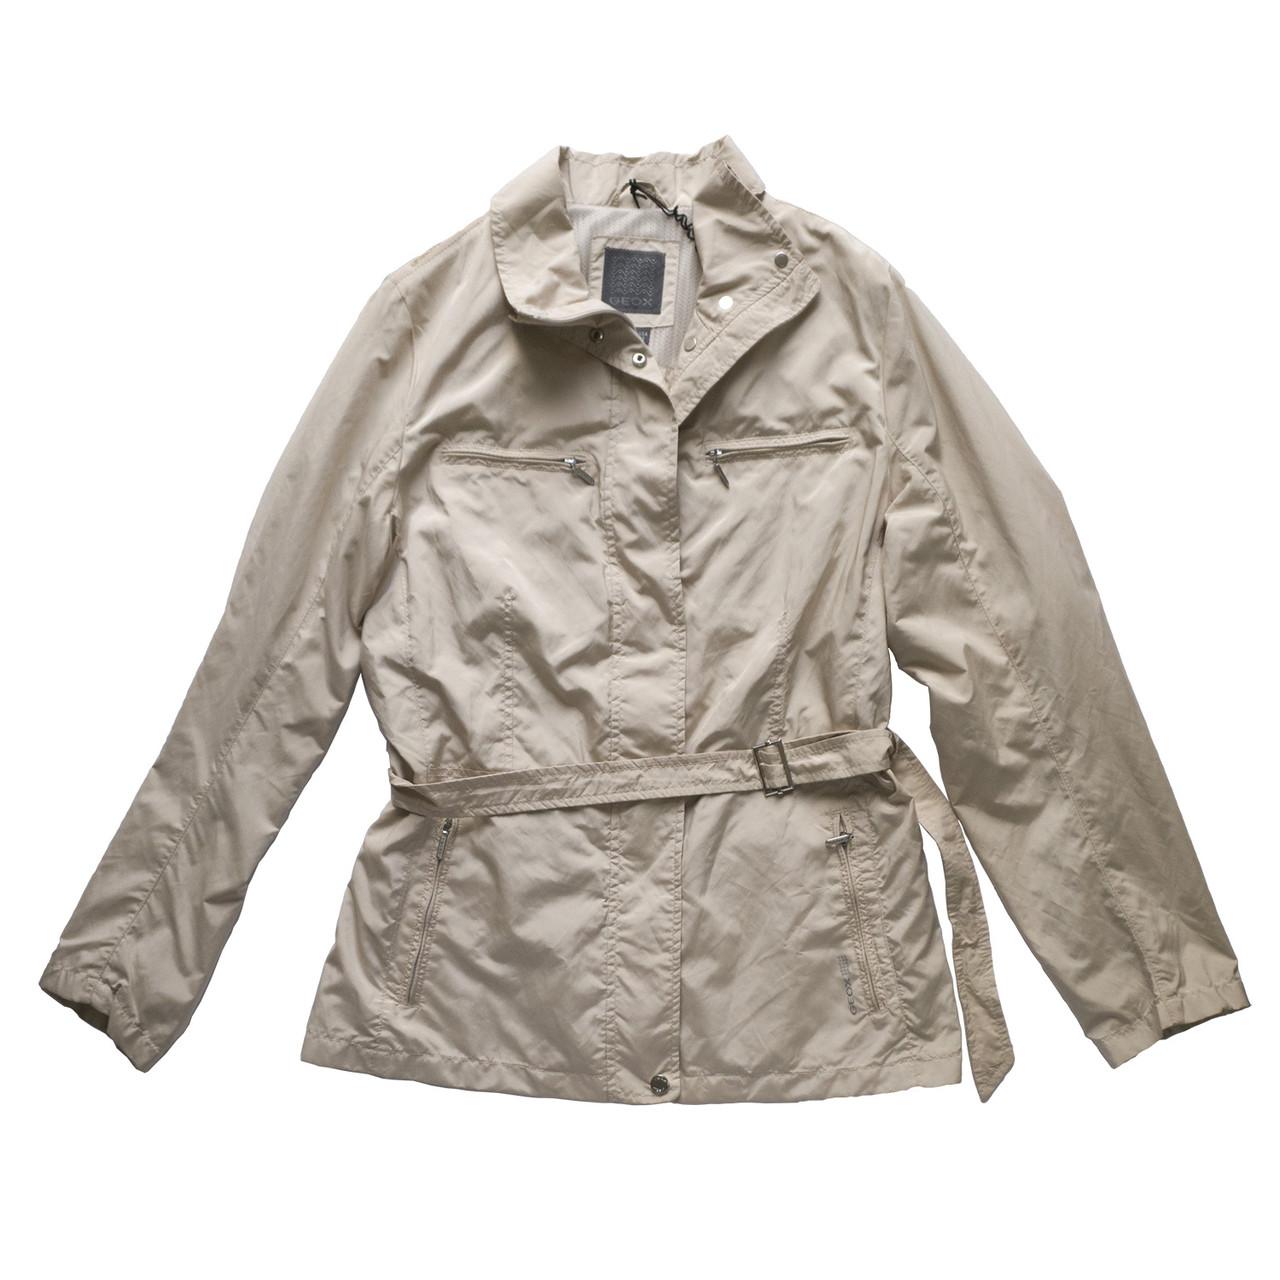 Демисезонная женская куртка Geox W3220A GOLDEN SKIN (48)